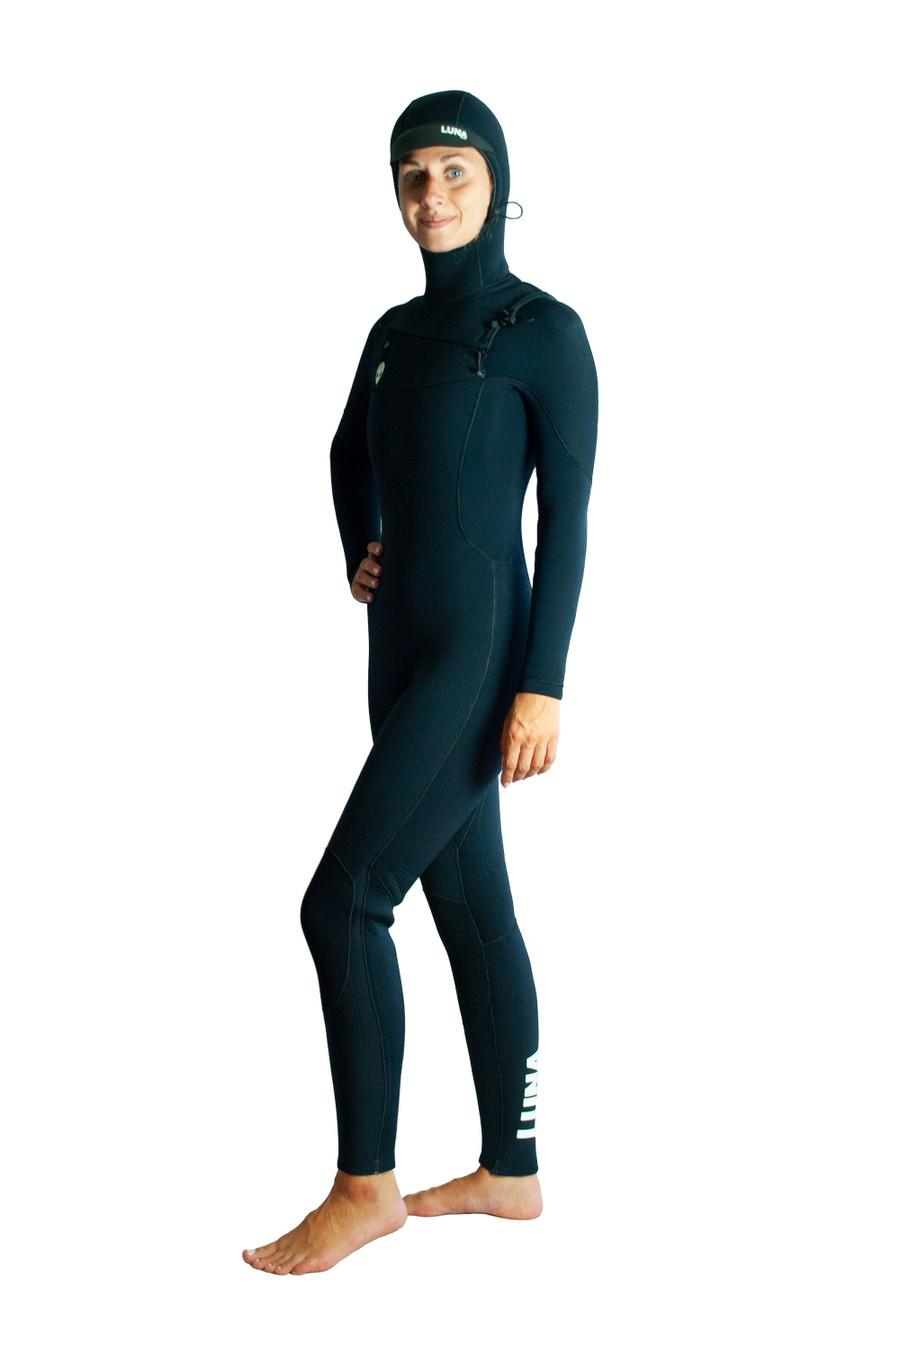 Womens slant zip winter wetsuit